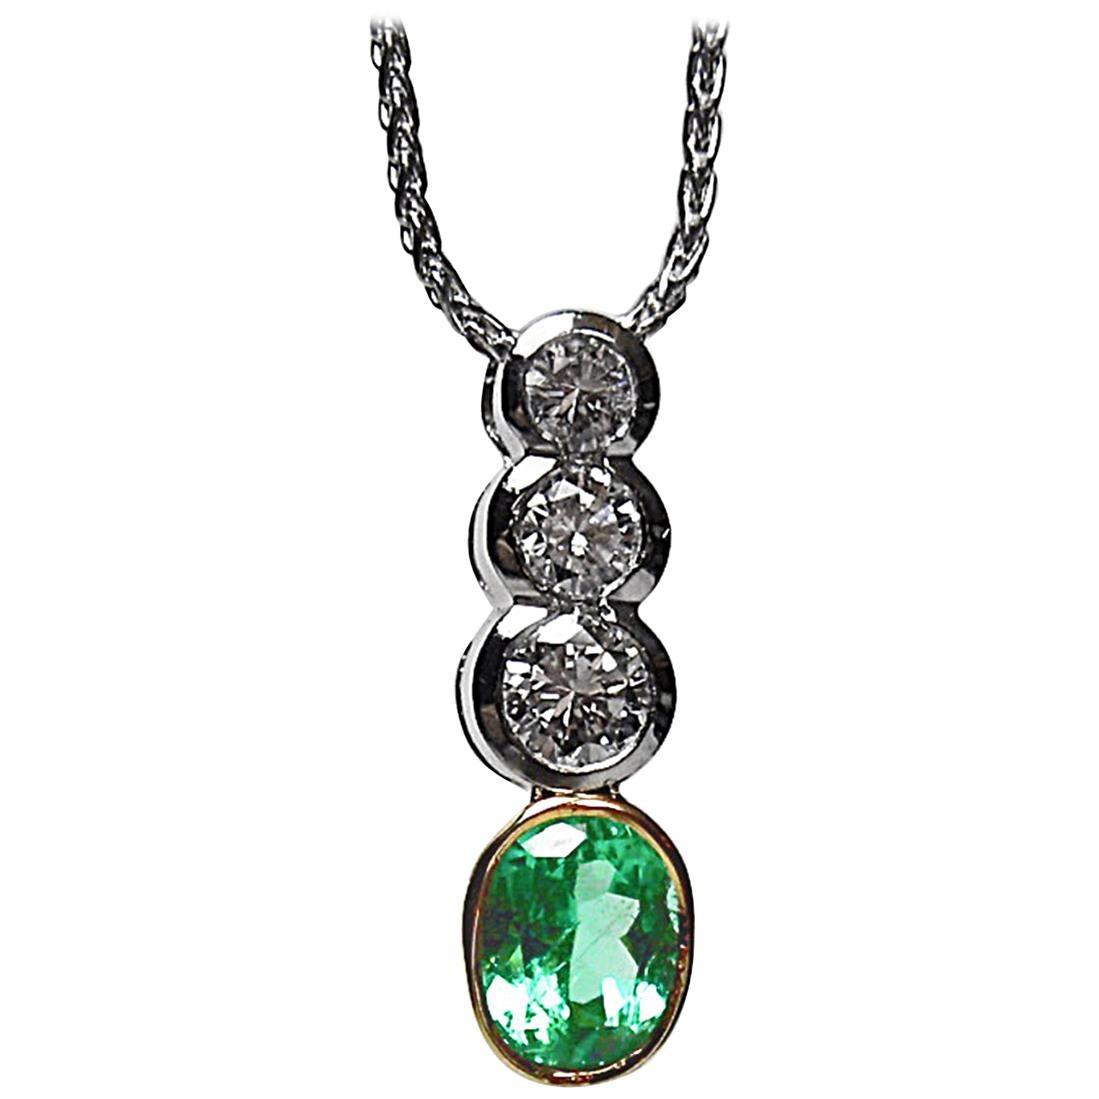 1.50 Carat Emerald Diamond Pendant Drop Necklace Platinum and 18 Karat Gold